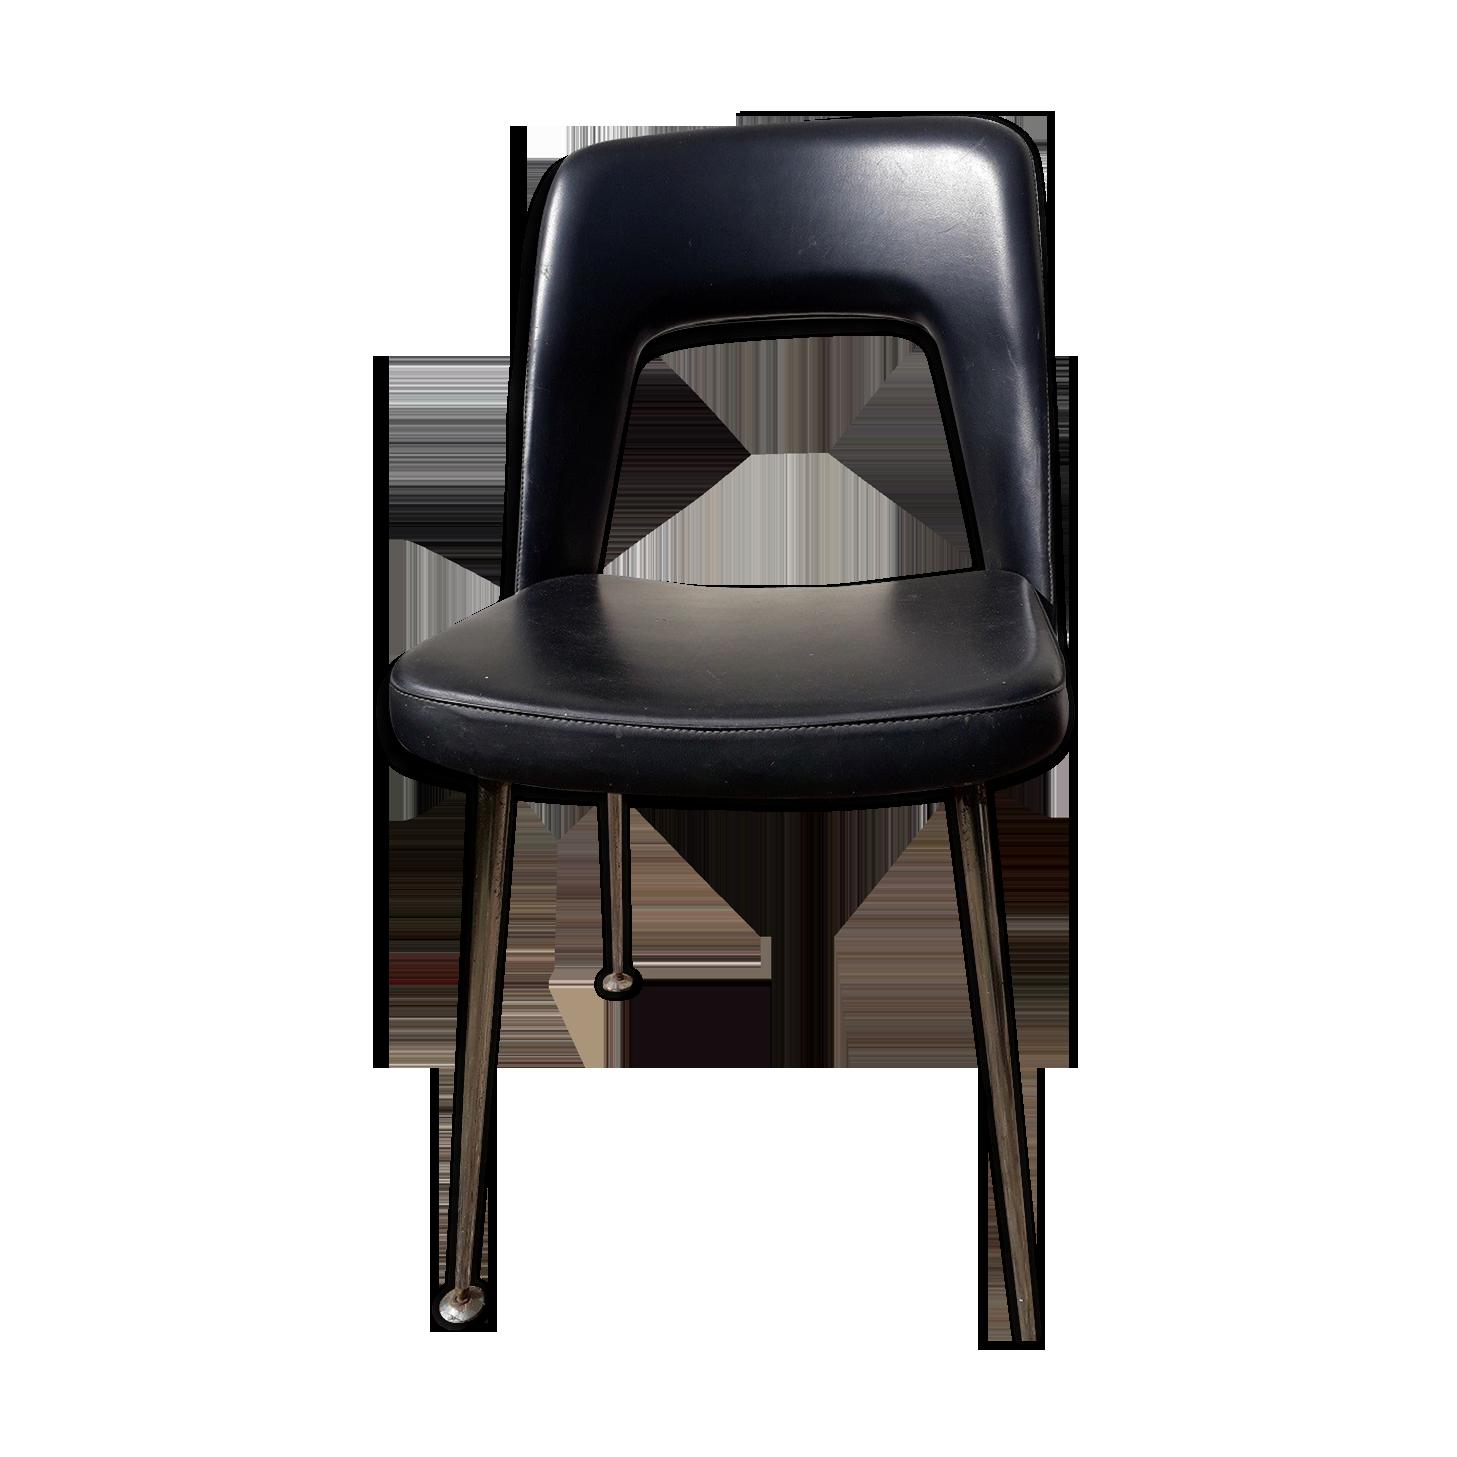 Chaise de bureau noire design skaï noir vintage hkmhd e